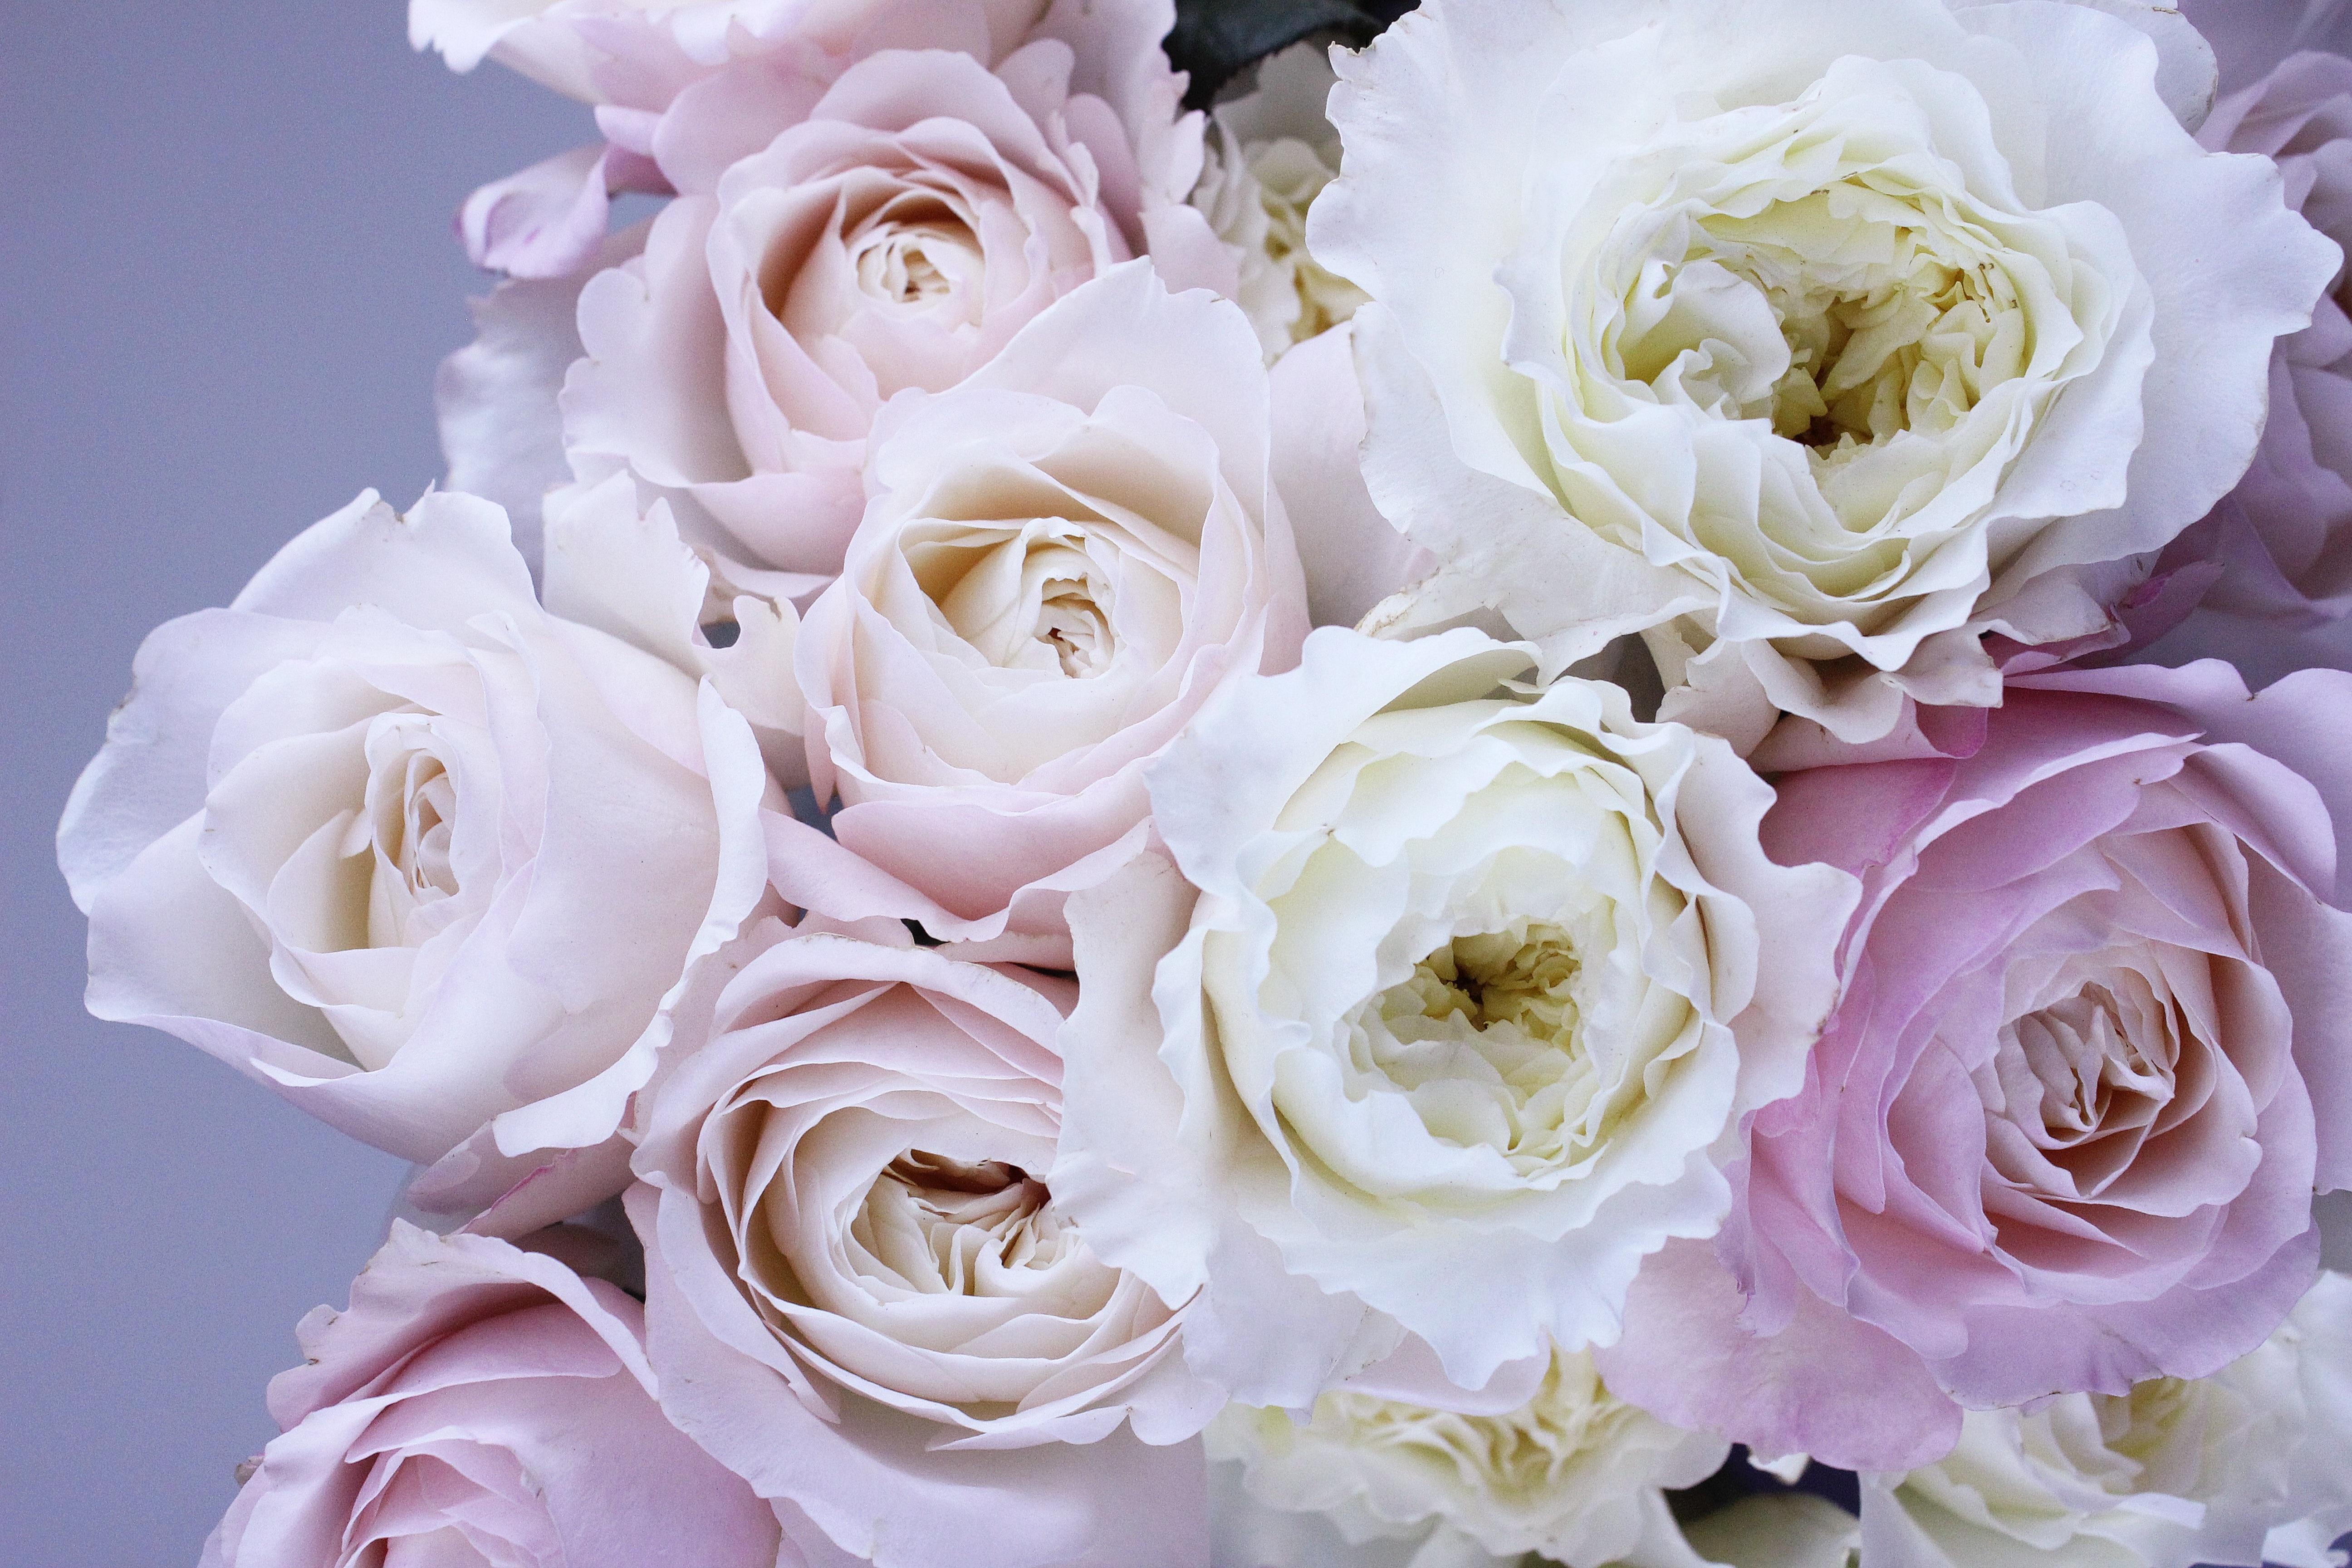 Fondos De Pantalla Rosa Rosado Flor Sensibilidad